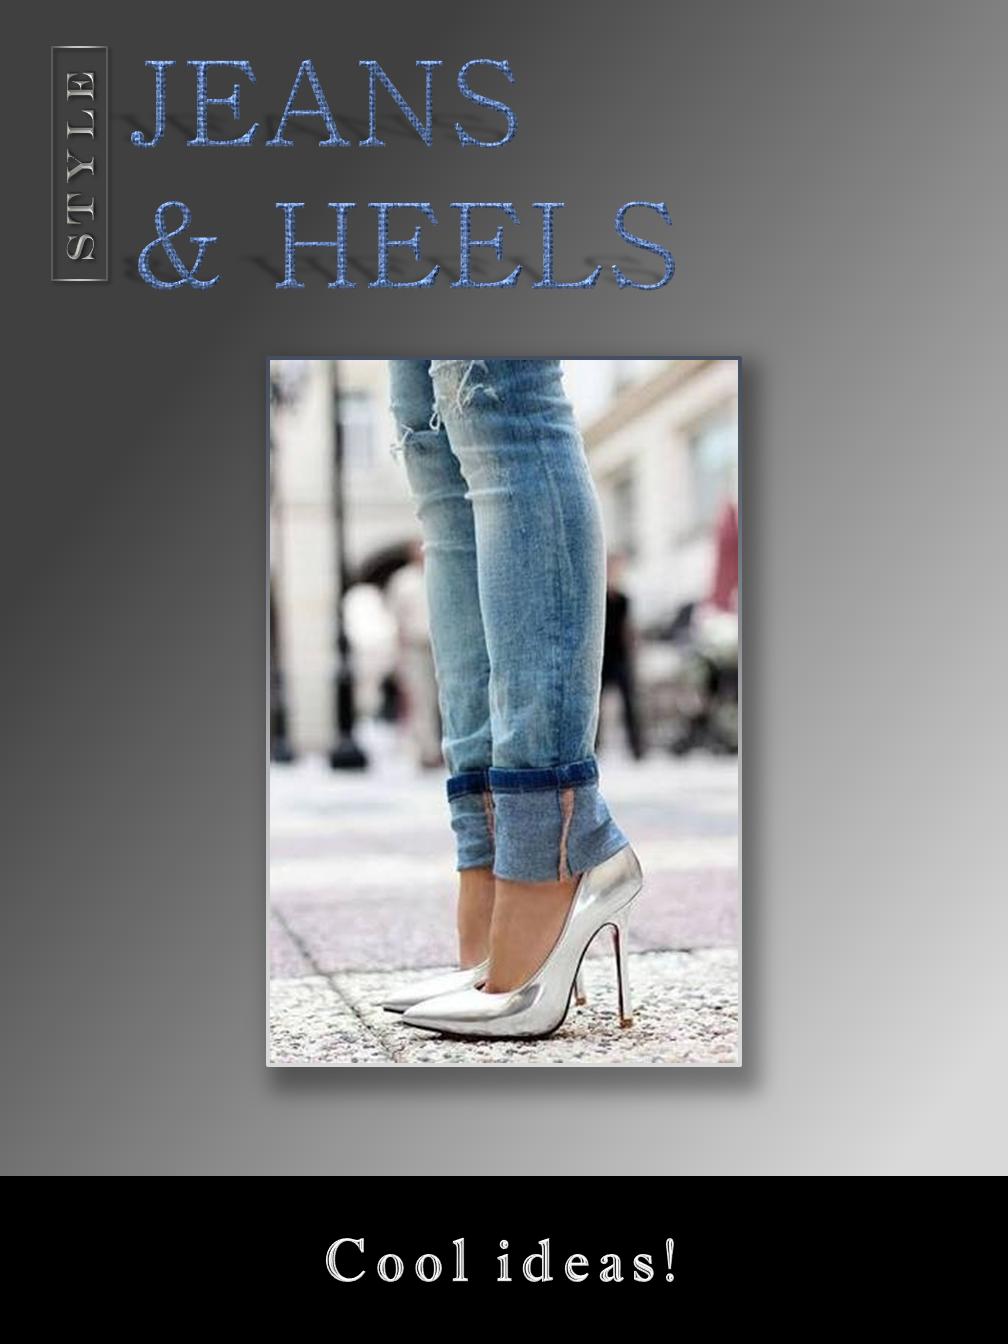 Jeans & Heels